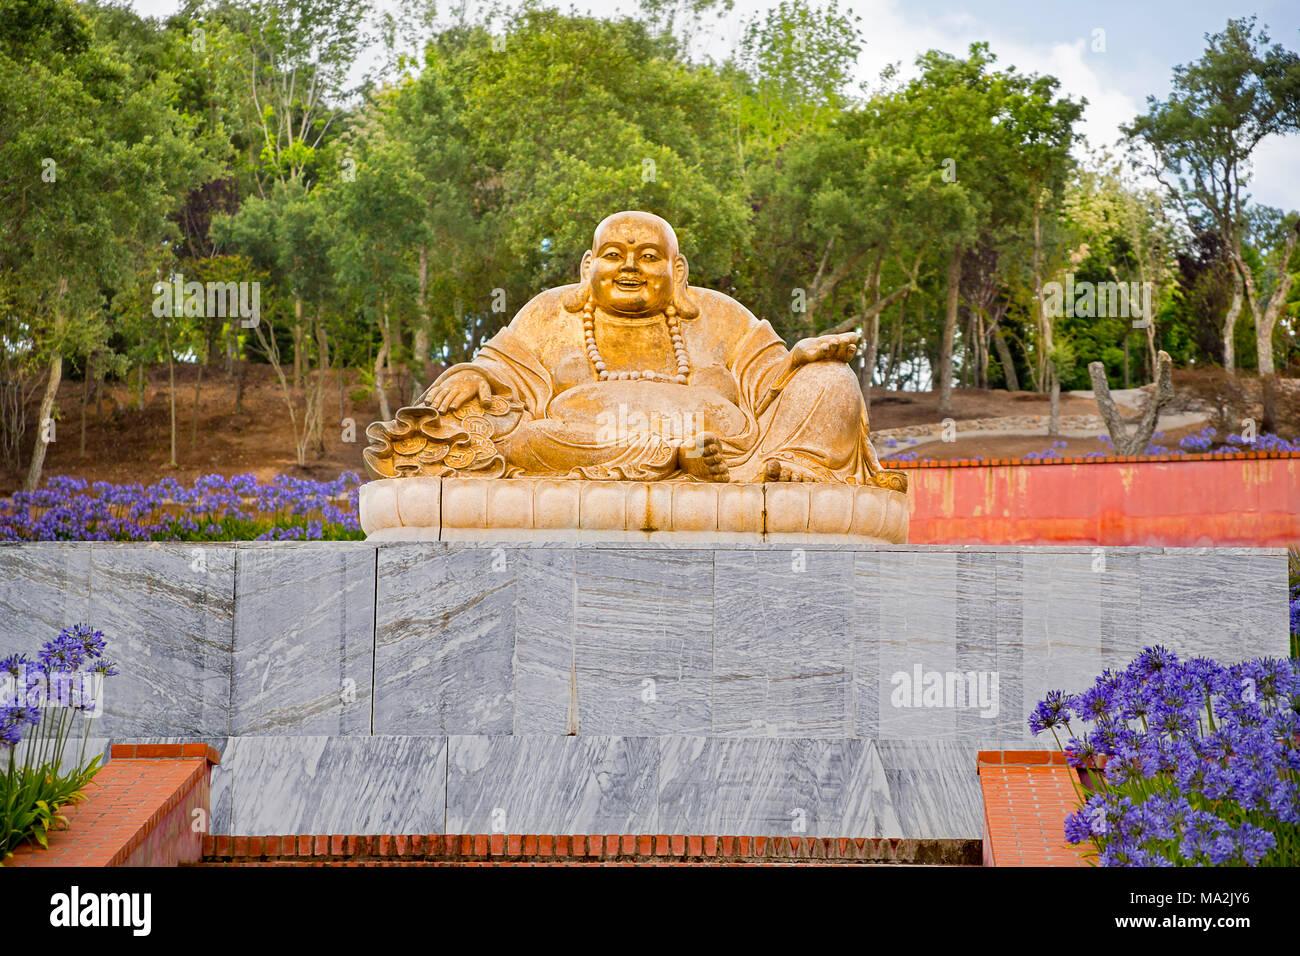 Una de las muchas estatuas de Buda en el jardín de Edén de Buda, que consta de 35 hectáreas (86 acres) de los campos naturales, lagos, jardines de una hora Foto de stock